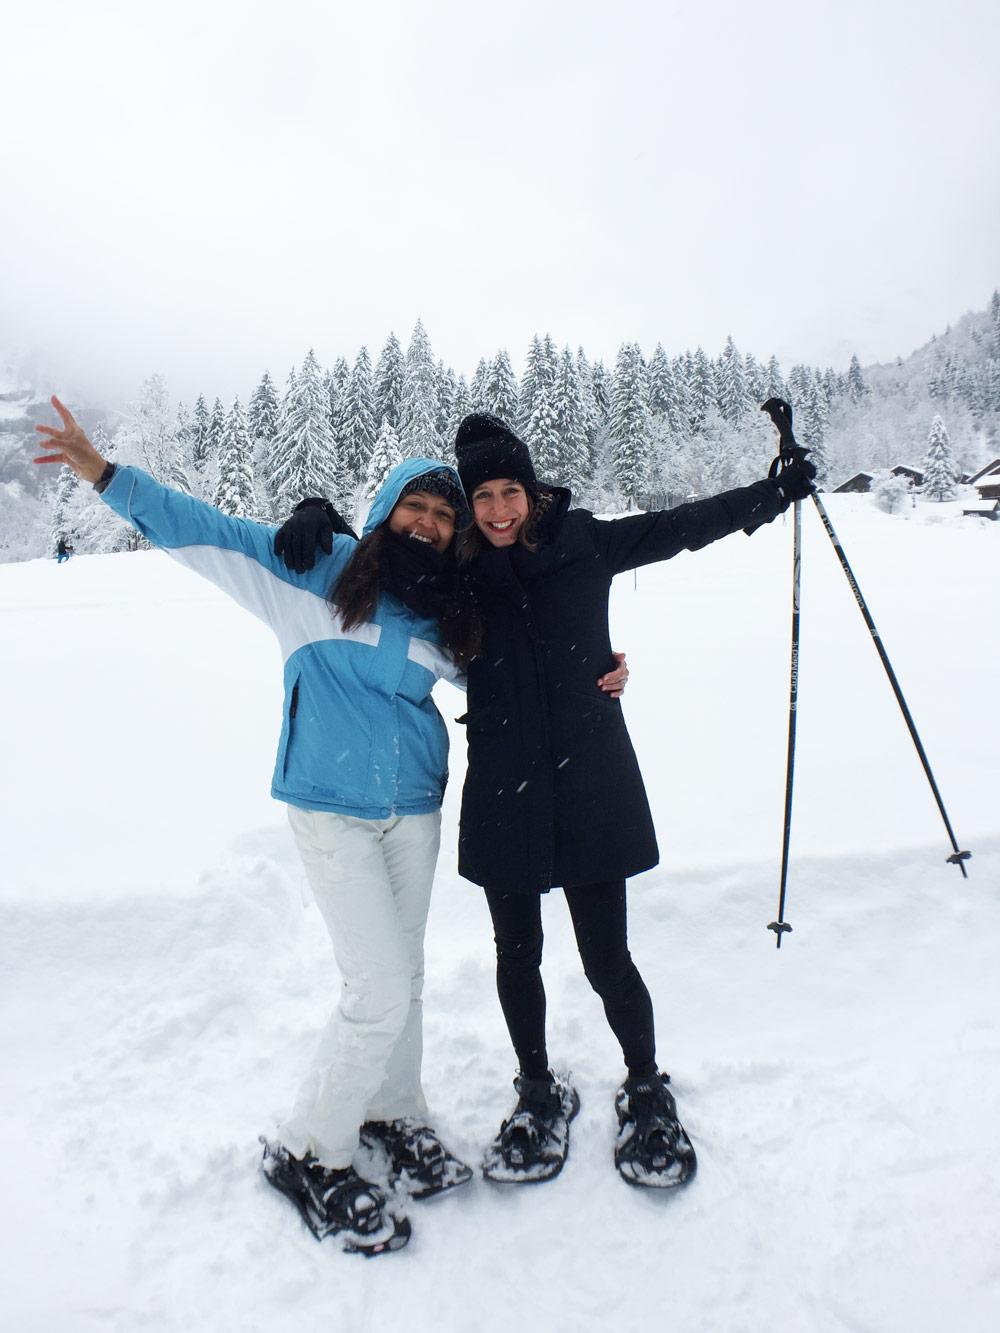 sonrisa und currently wearing mit Schneeschuhen unterwegs in den französischen Alpen.